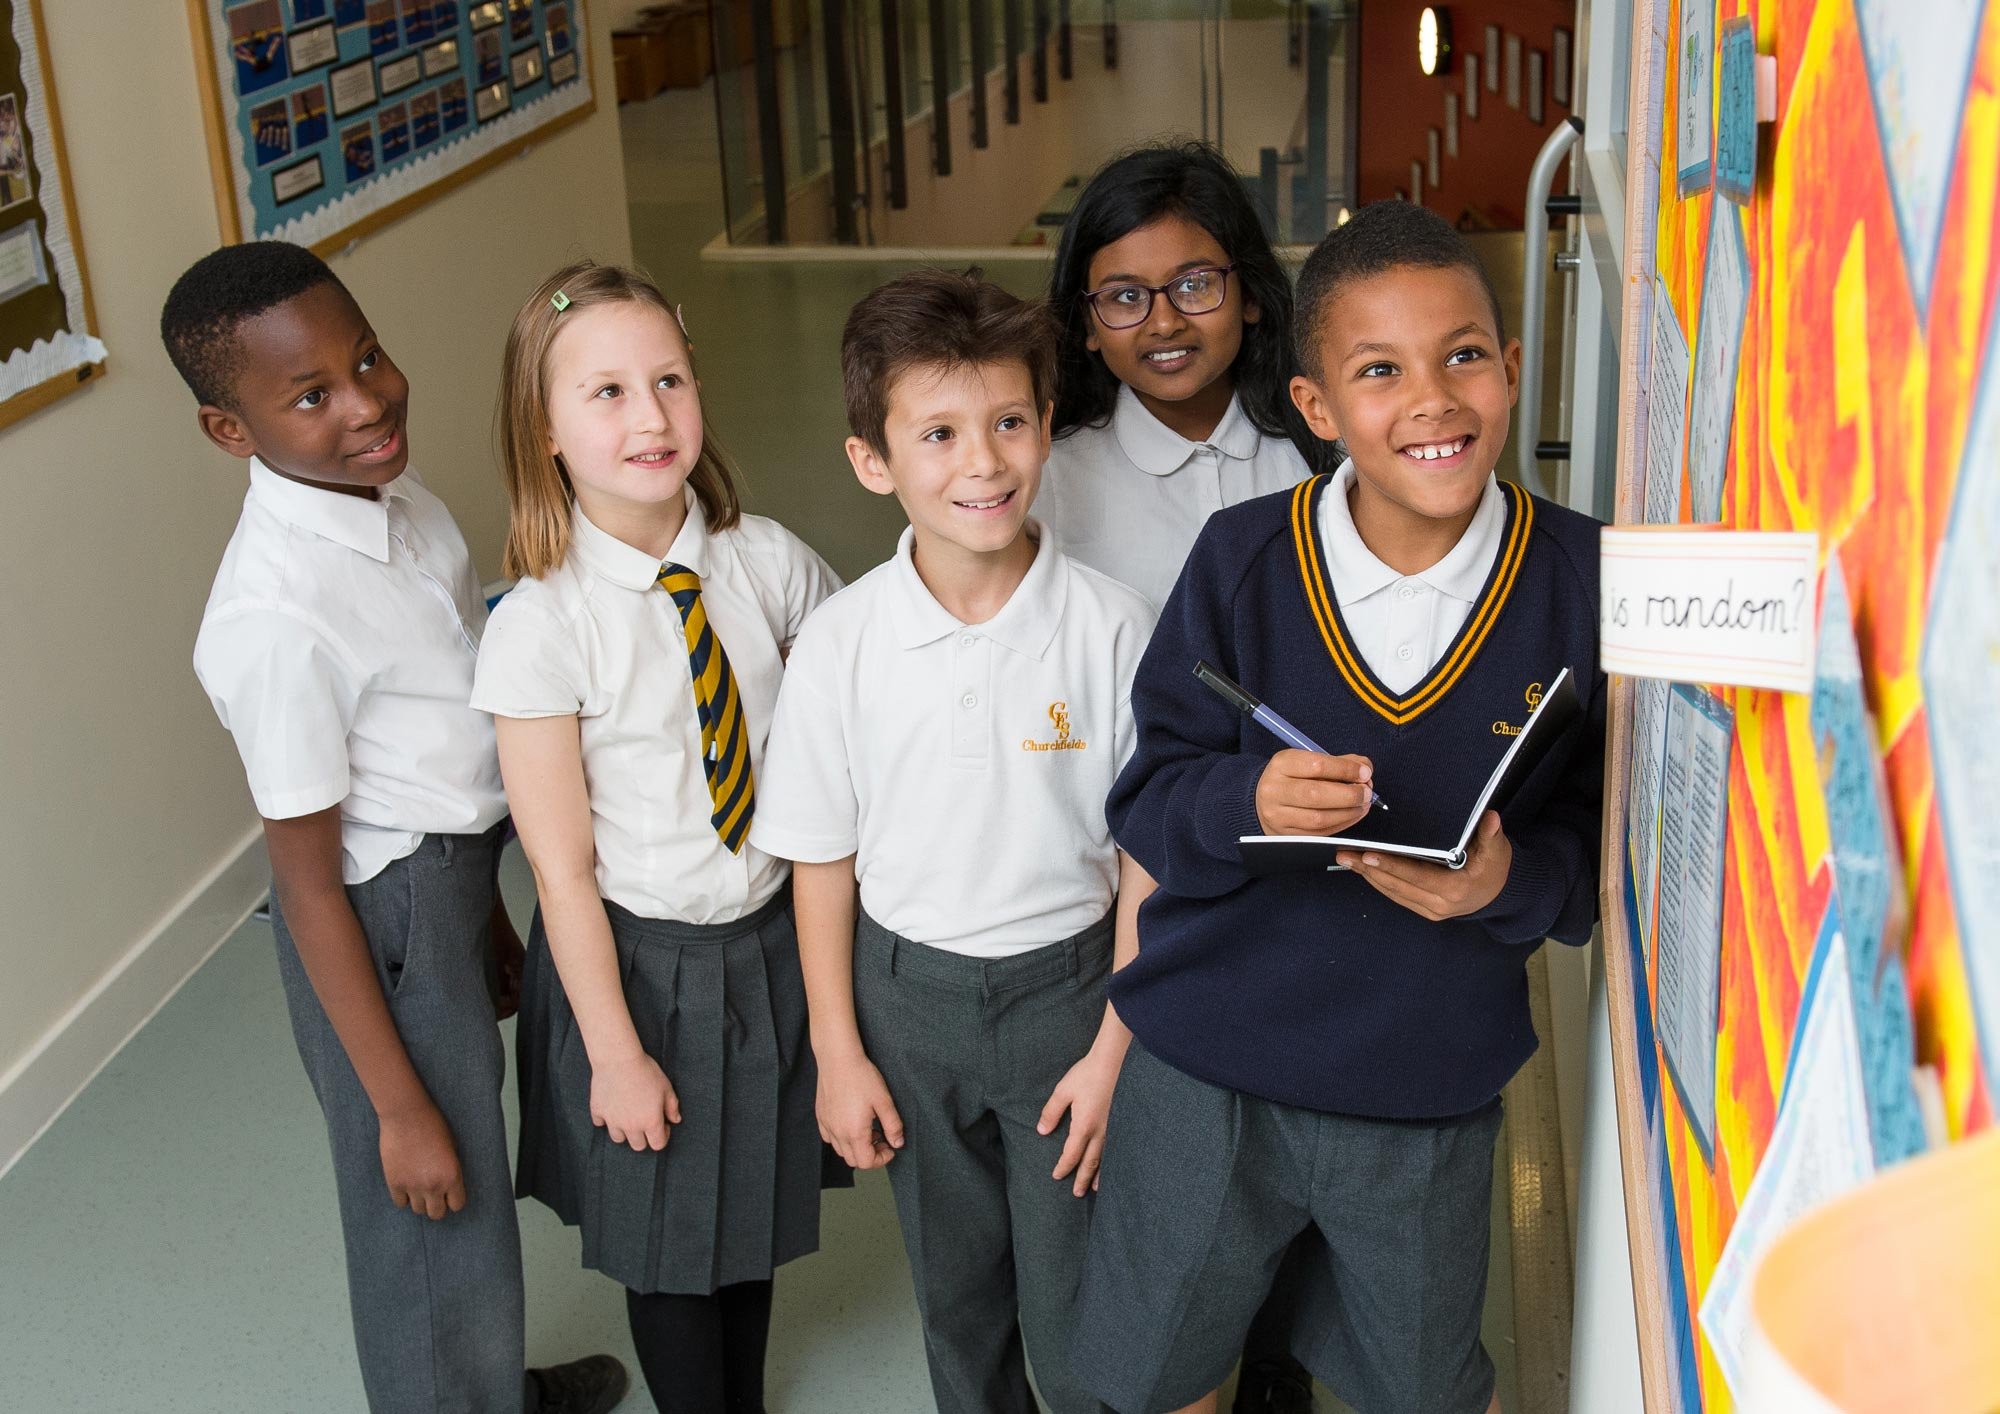 Children in corridor